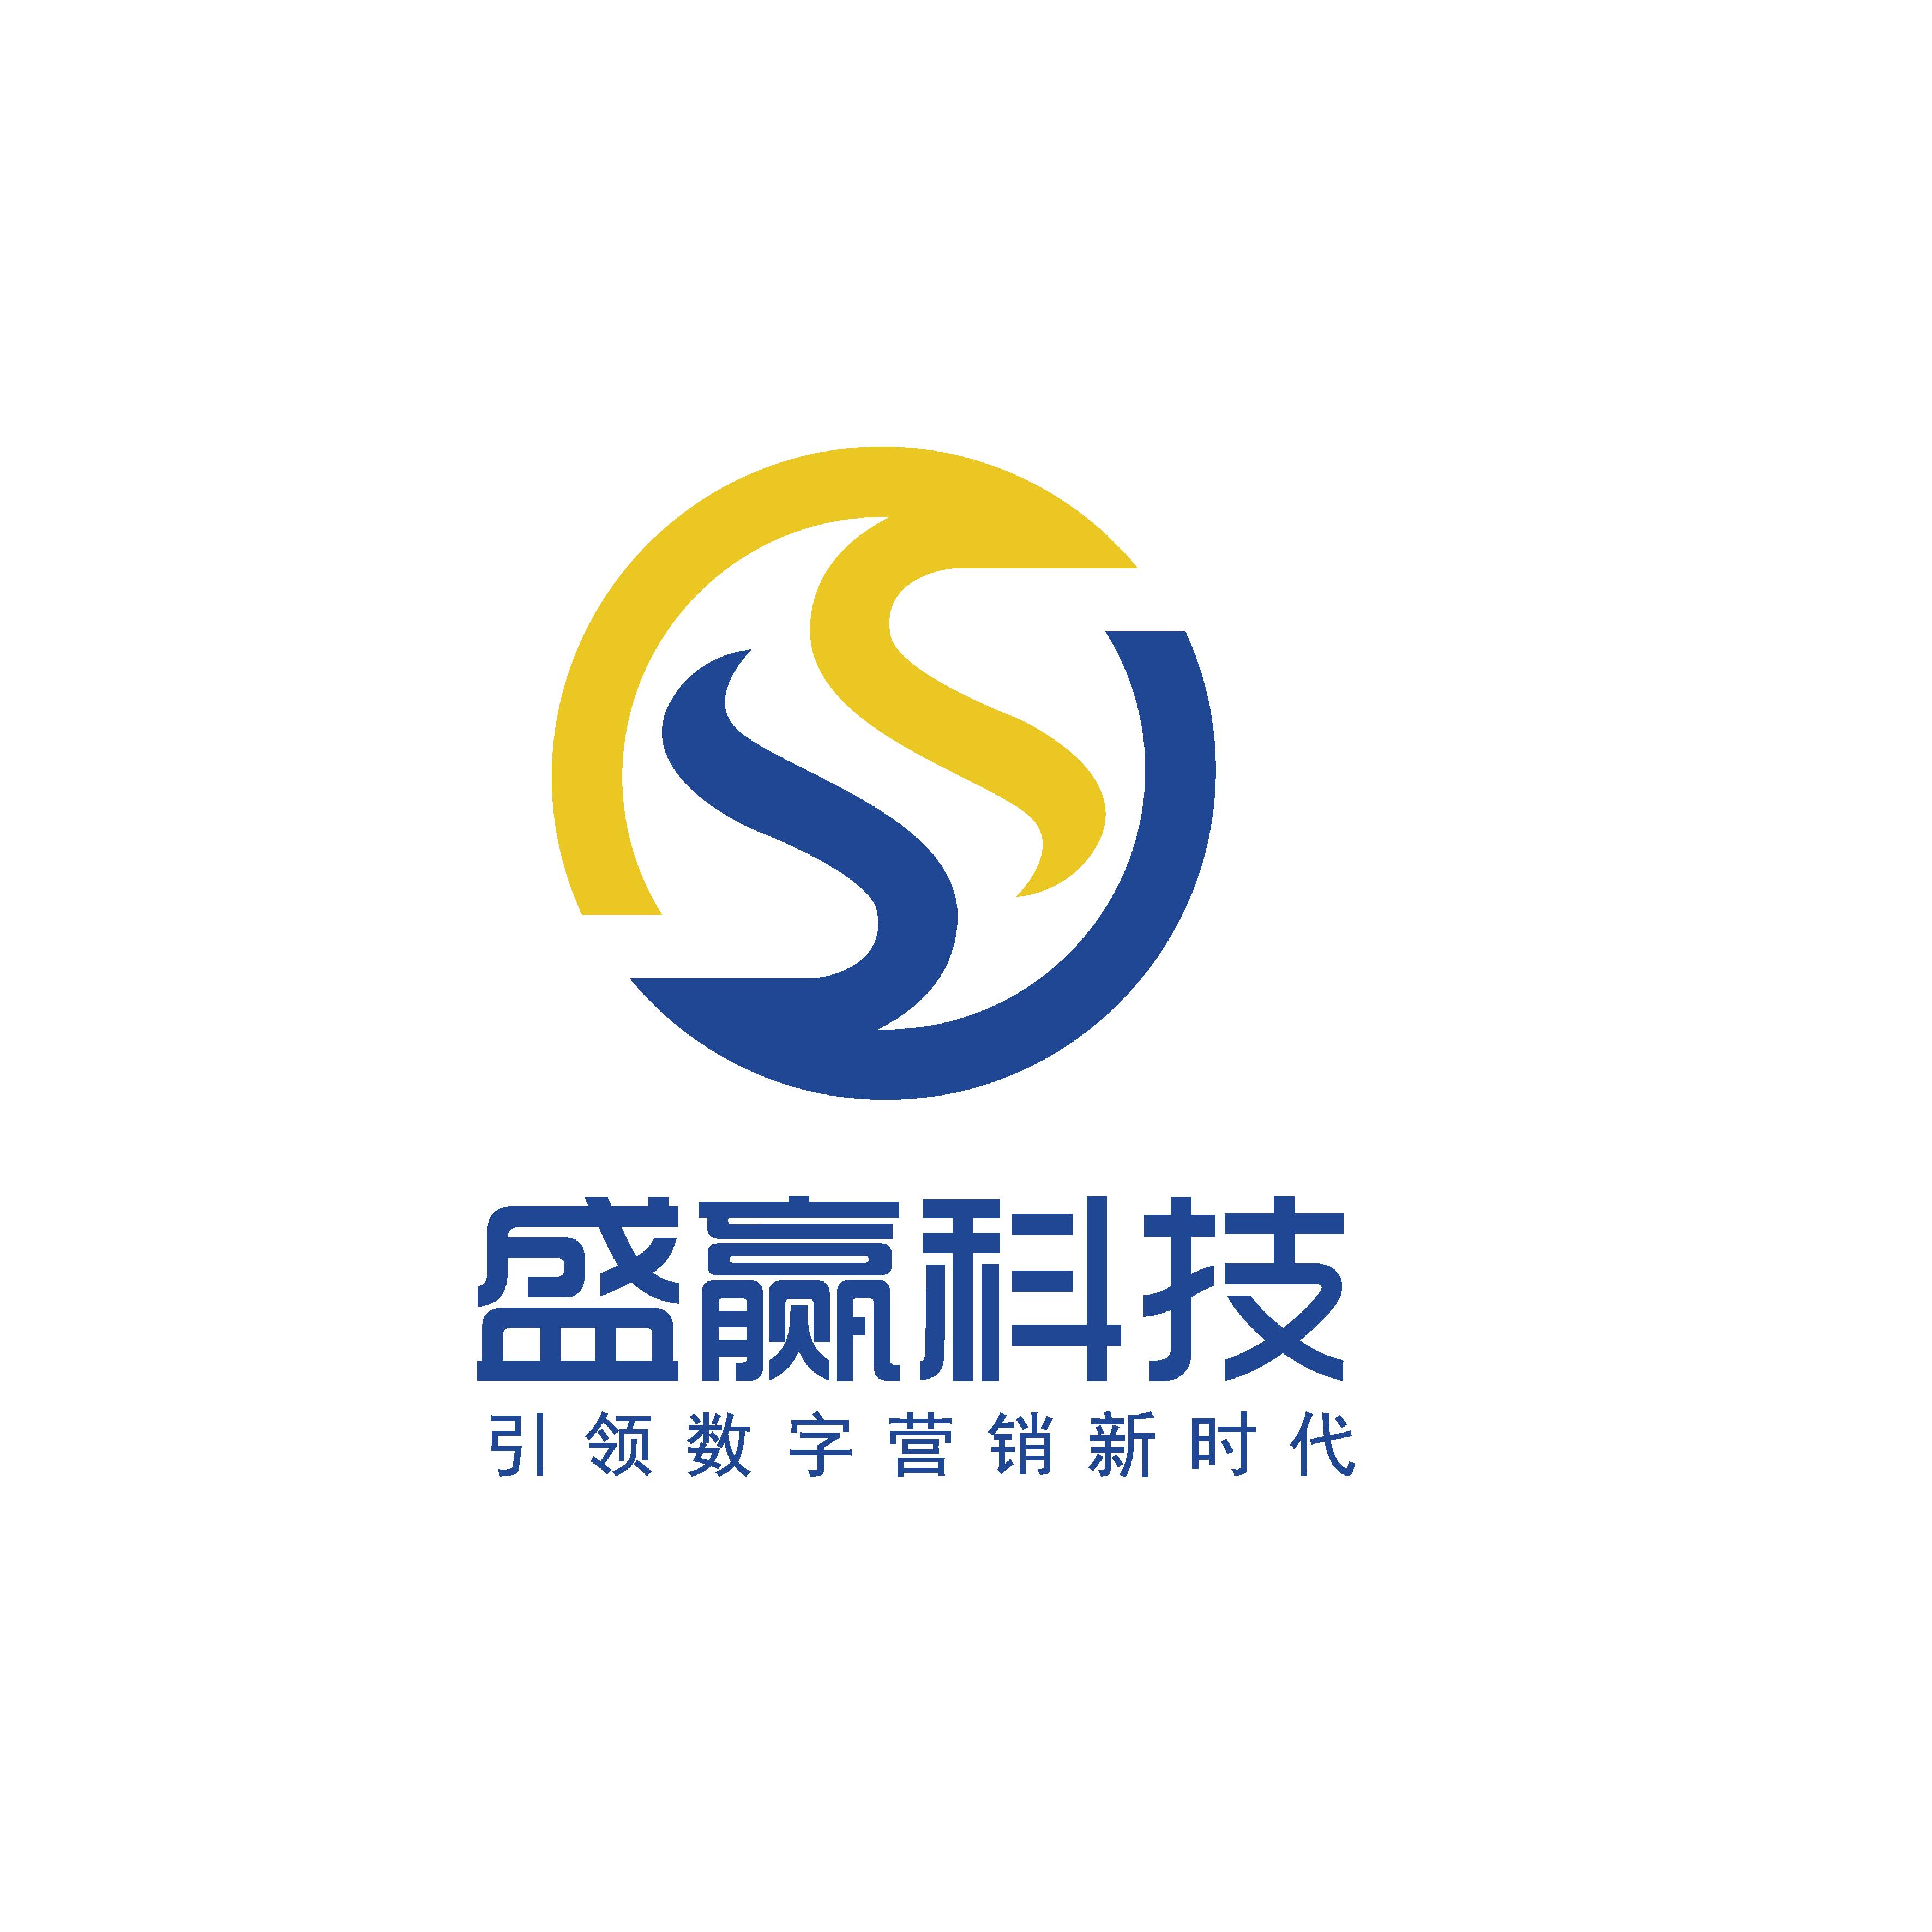 江西盛赢信息服务有限公司